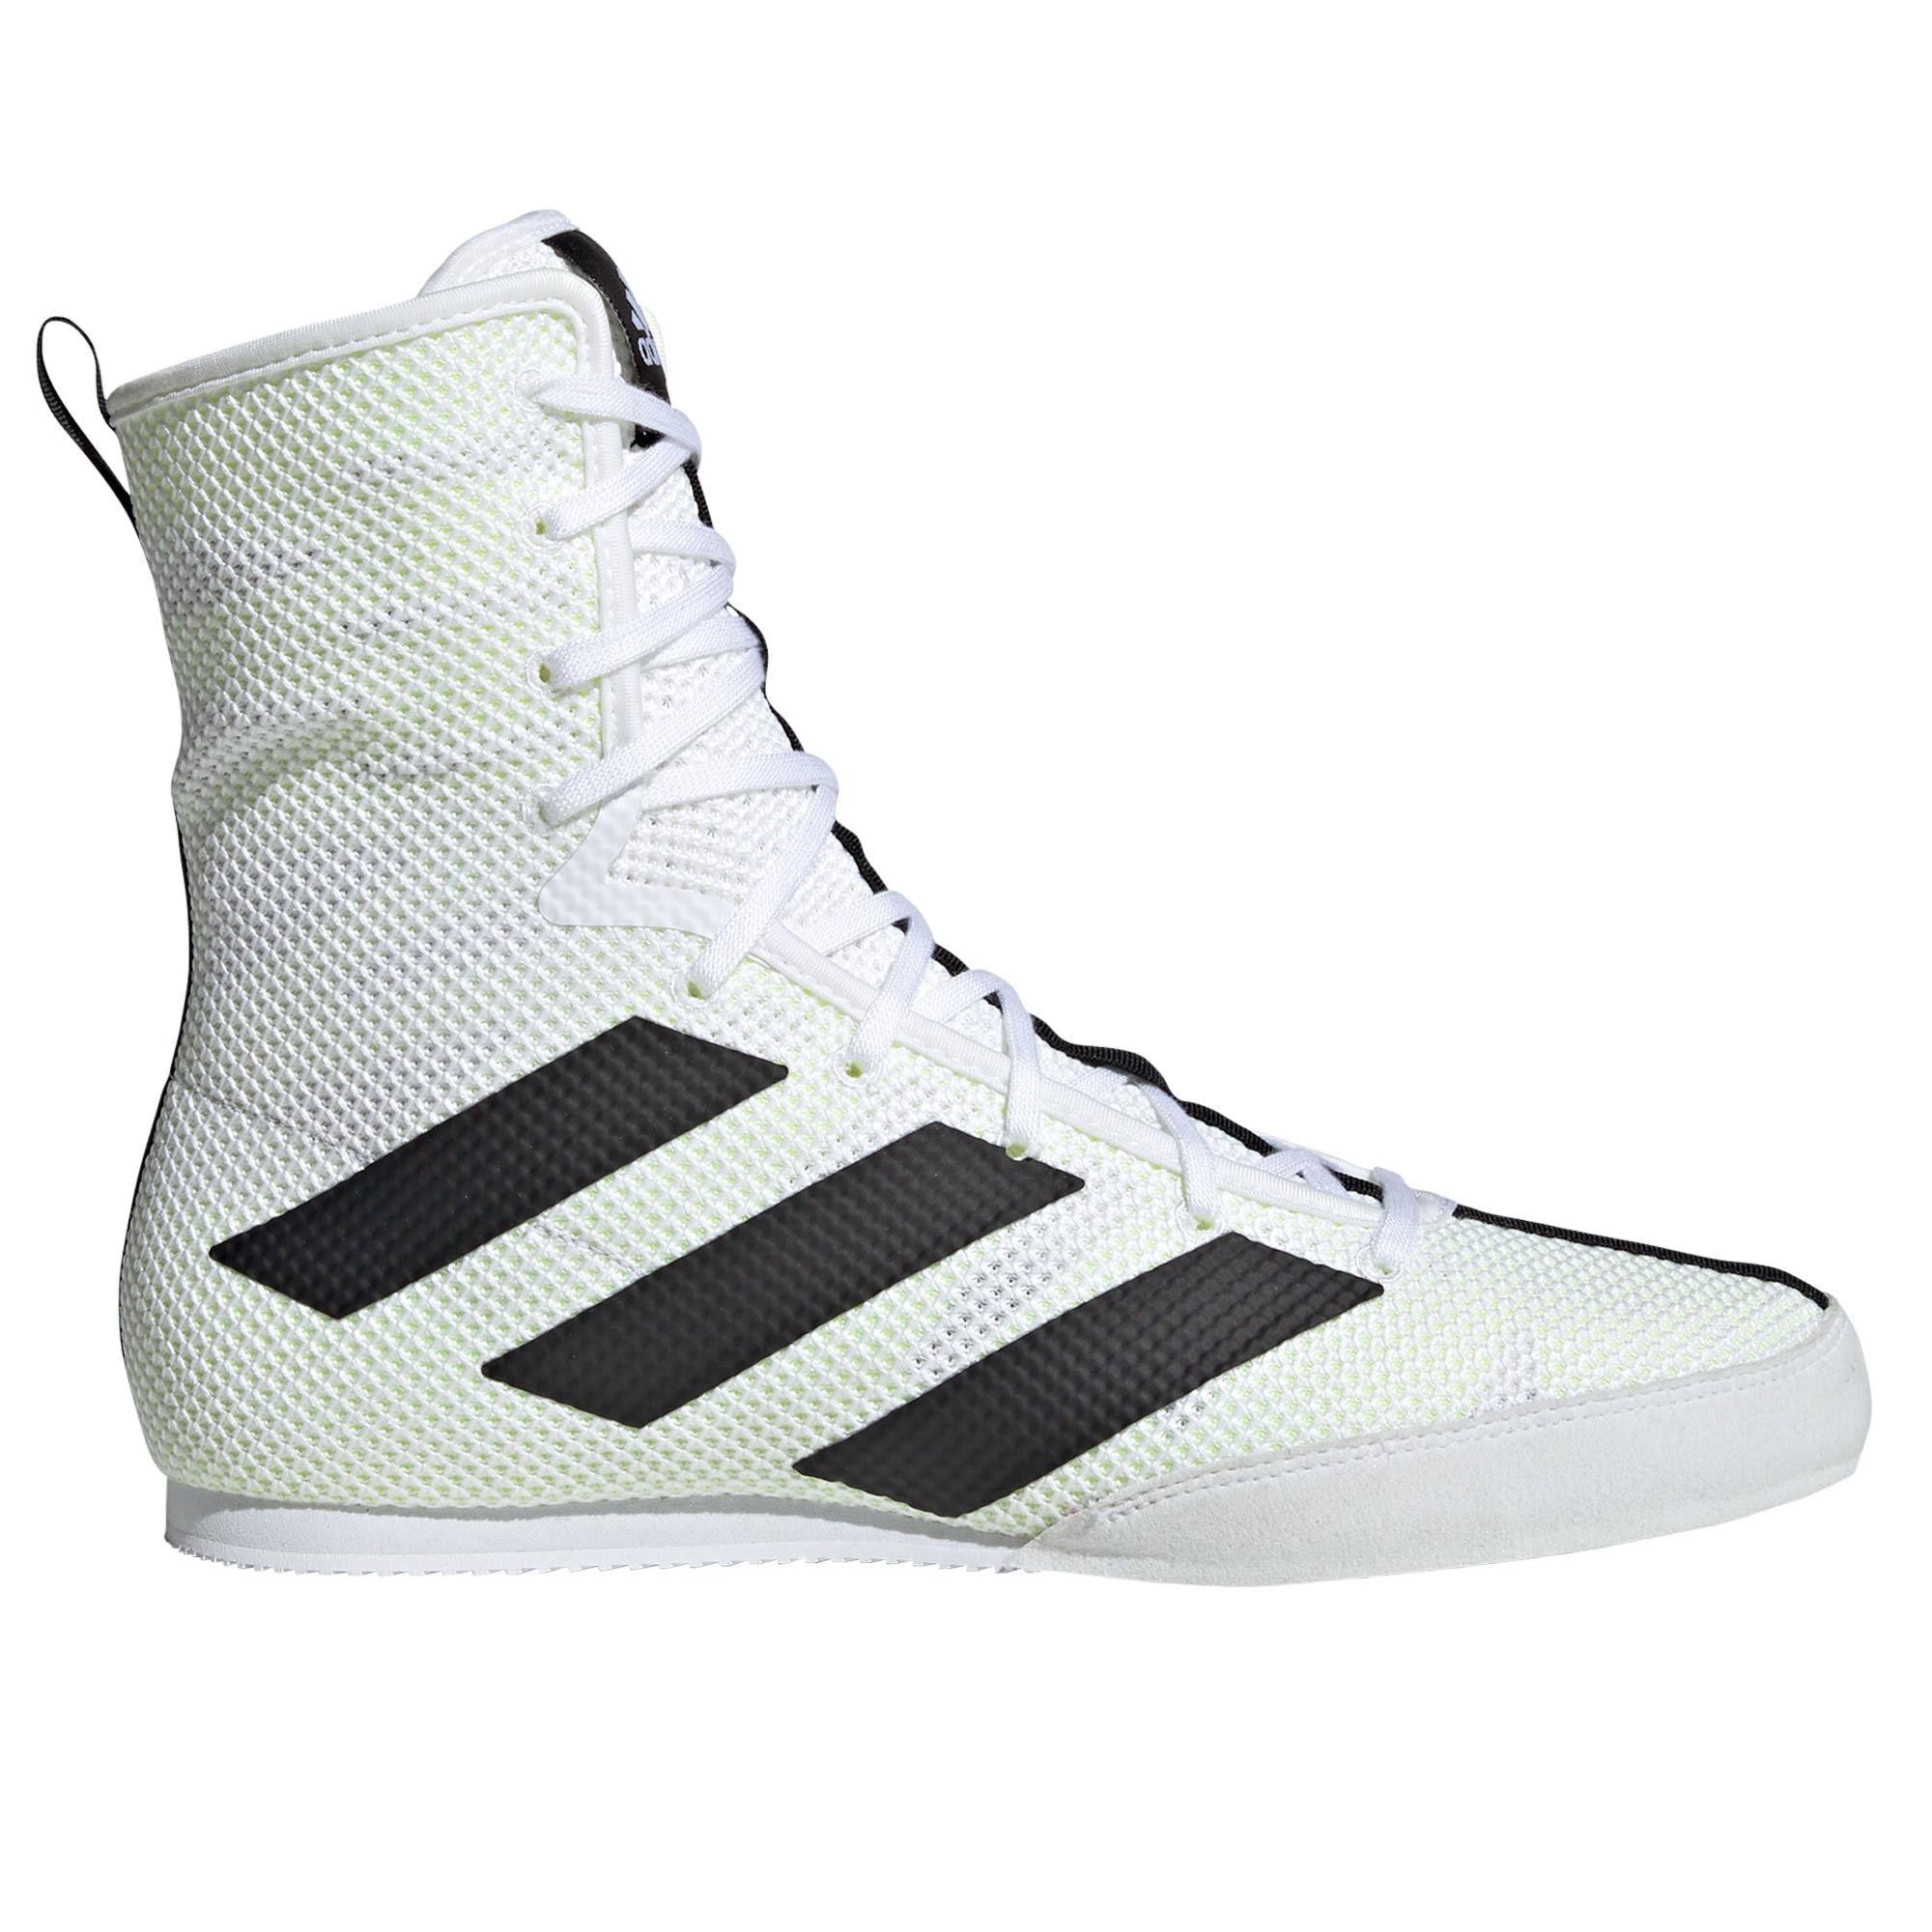 Adidas Box Hog 3 Shoes Boxing - White